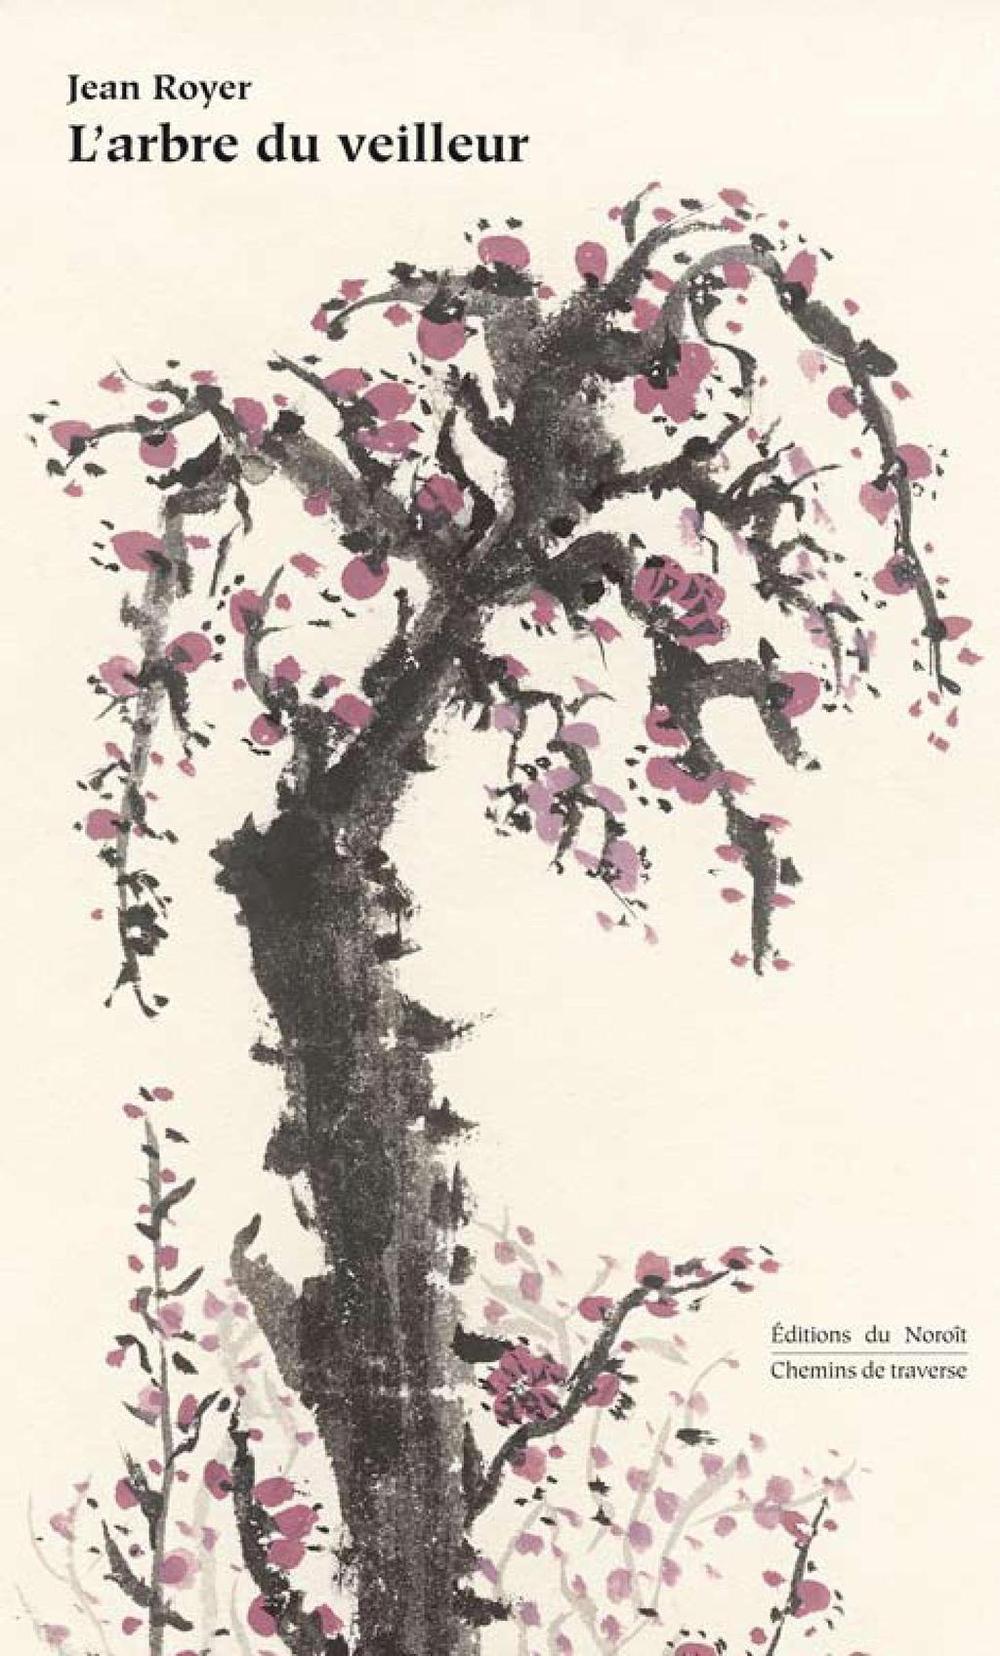 L'arbre du veilleur